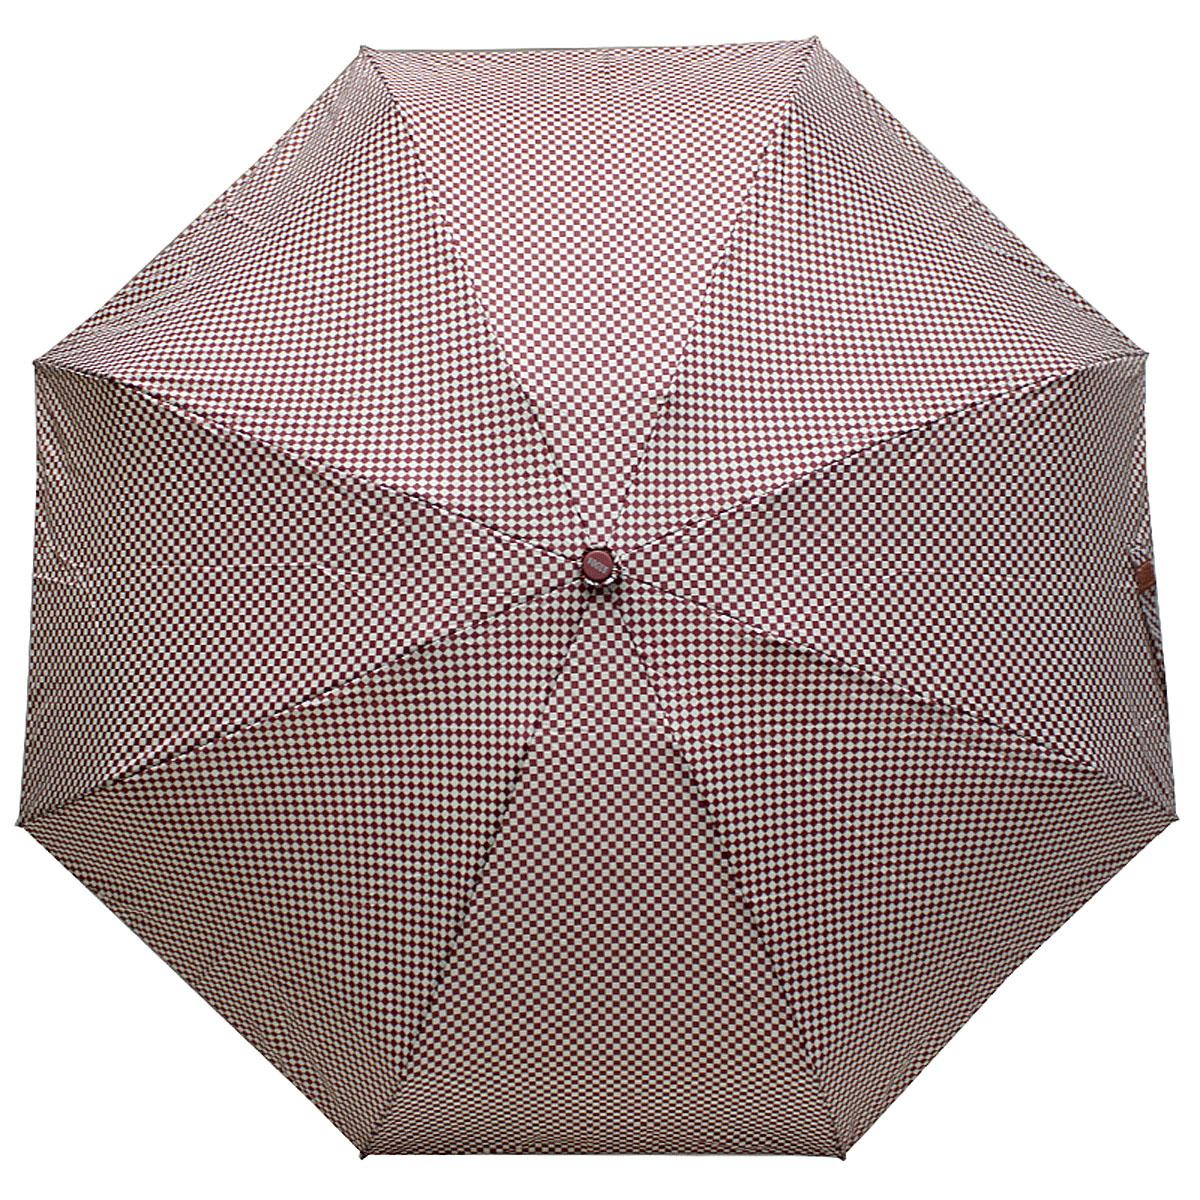 Зонт женский Vogue, цвет: бордовый, белый. 345V-4345V-4Стильный механический зонт испанского производителя Vogue оснащен каркасом с противоветровым эффектом. Каркас зонта включает 8 спиц. Стержень изготовлен из стали, купол выполнен из прочного полиэстера. Зонт является механическим: купол открывается и закрывается вручную до характерного щелчка. Такой зонт не только надежно защитит вас от дождя, но и станет стильным аксессуаром, который идеально подчеркнет ваш неповторимый образ. Рекомендации по использованию: Мокрый зонт нельзя оставлять сложенным. Зонт после использования рекомендуется сушить в полураскрытом виде вдали от нагревательных приборов. Чистить зонт рекомендуется губкой, используя мягкие нещелочные растворы.